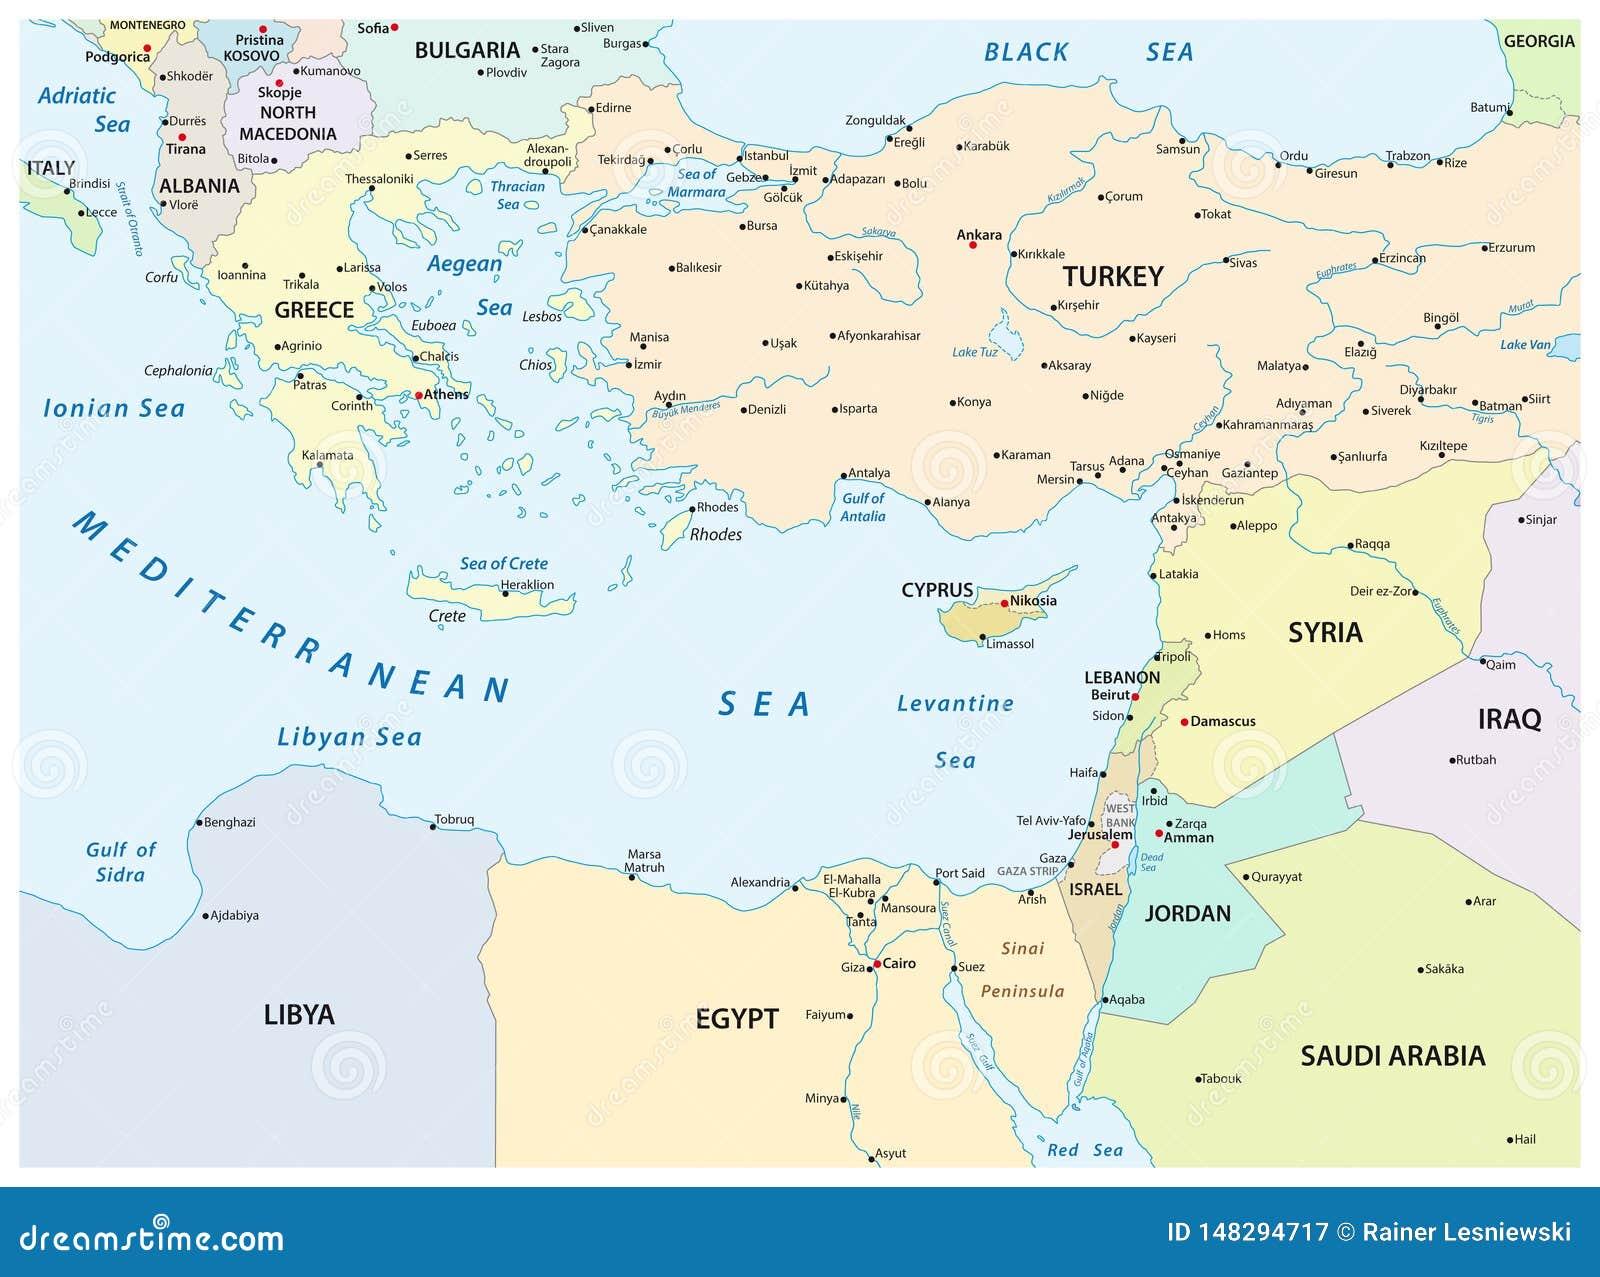 Cartina Fisica Mediterraneo Orientale.Mappa Del Paese Del Mar Mediterraneo Orientale Illustrazione Di Stock Illustrazione Di Greece Egitto 148294717